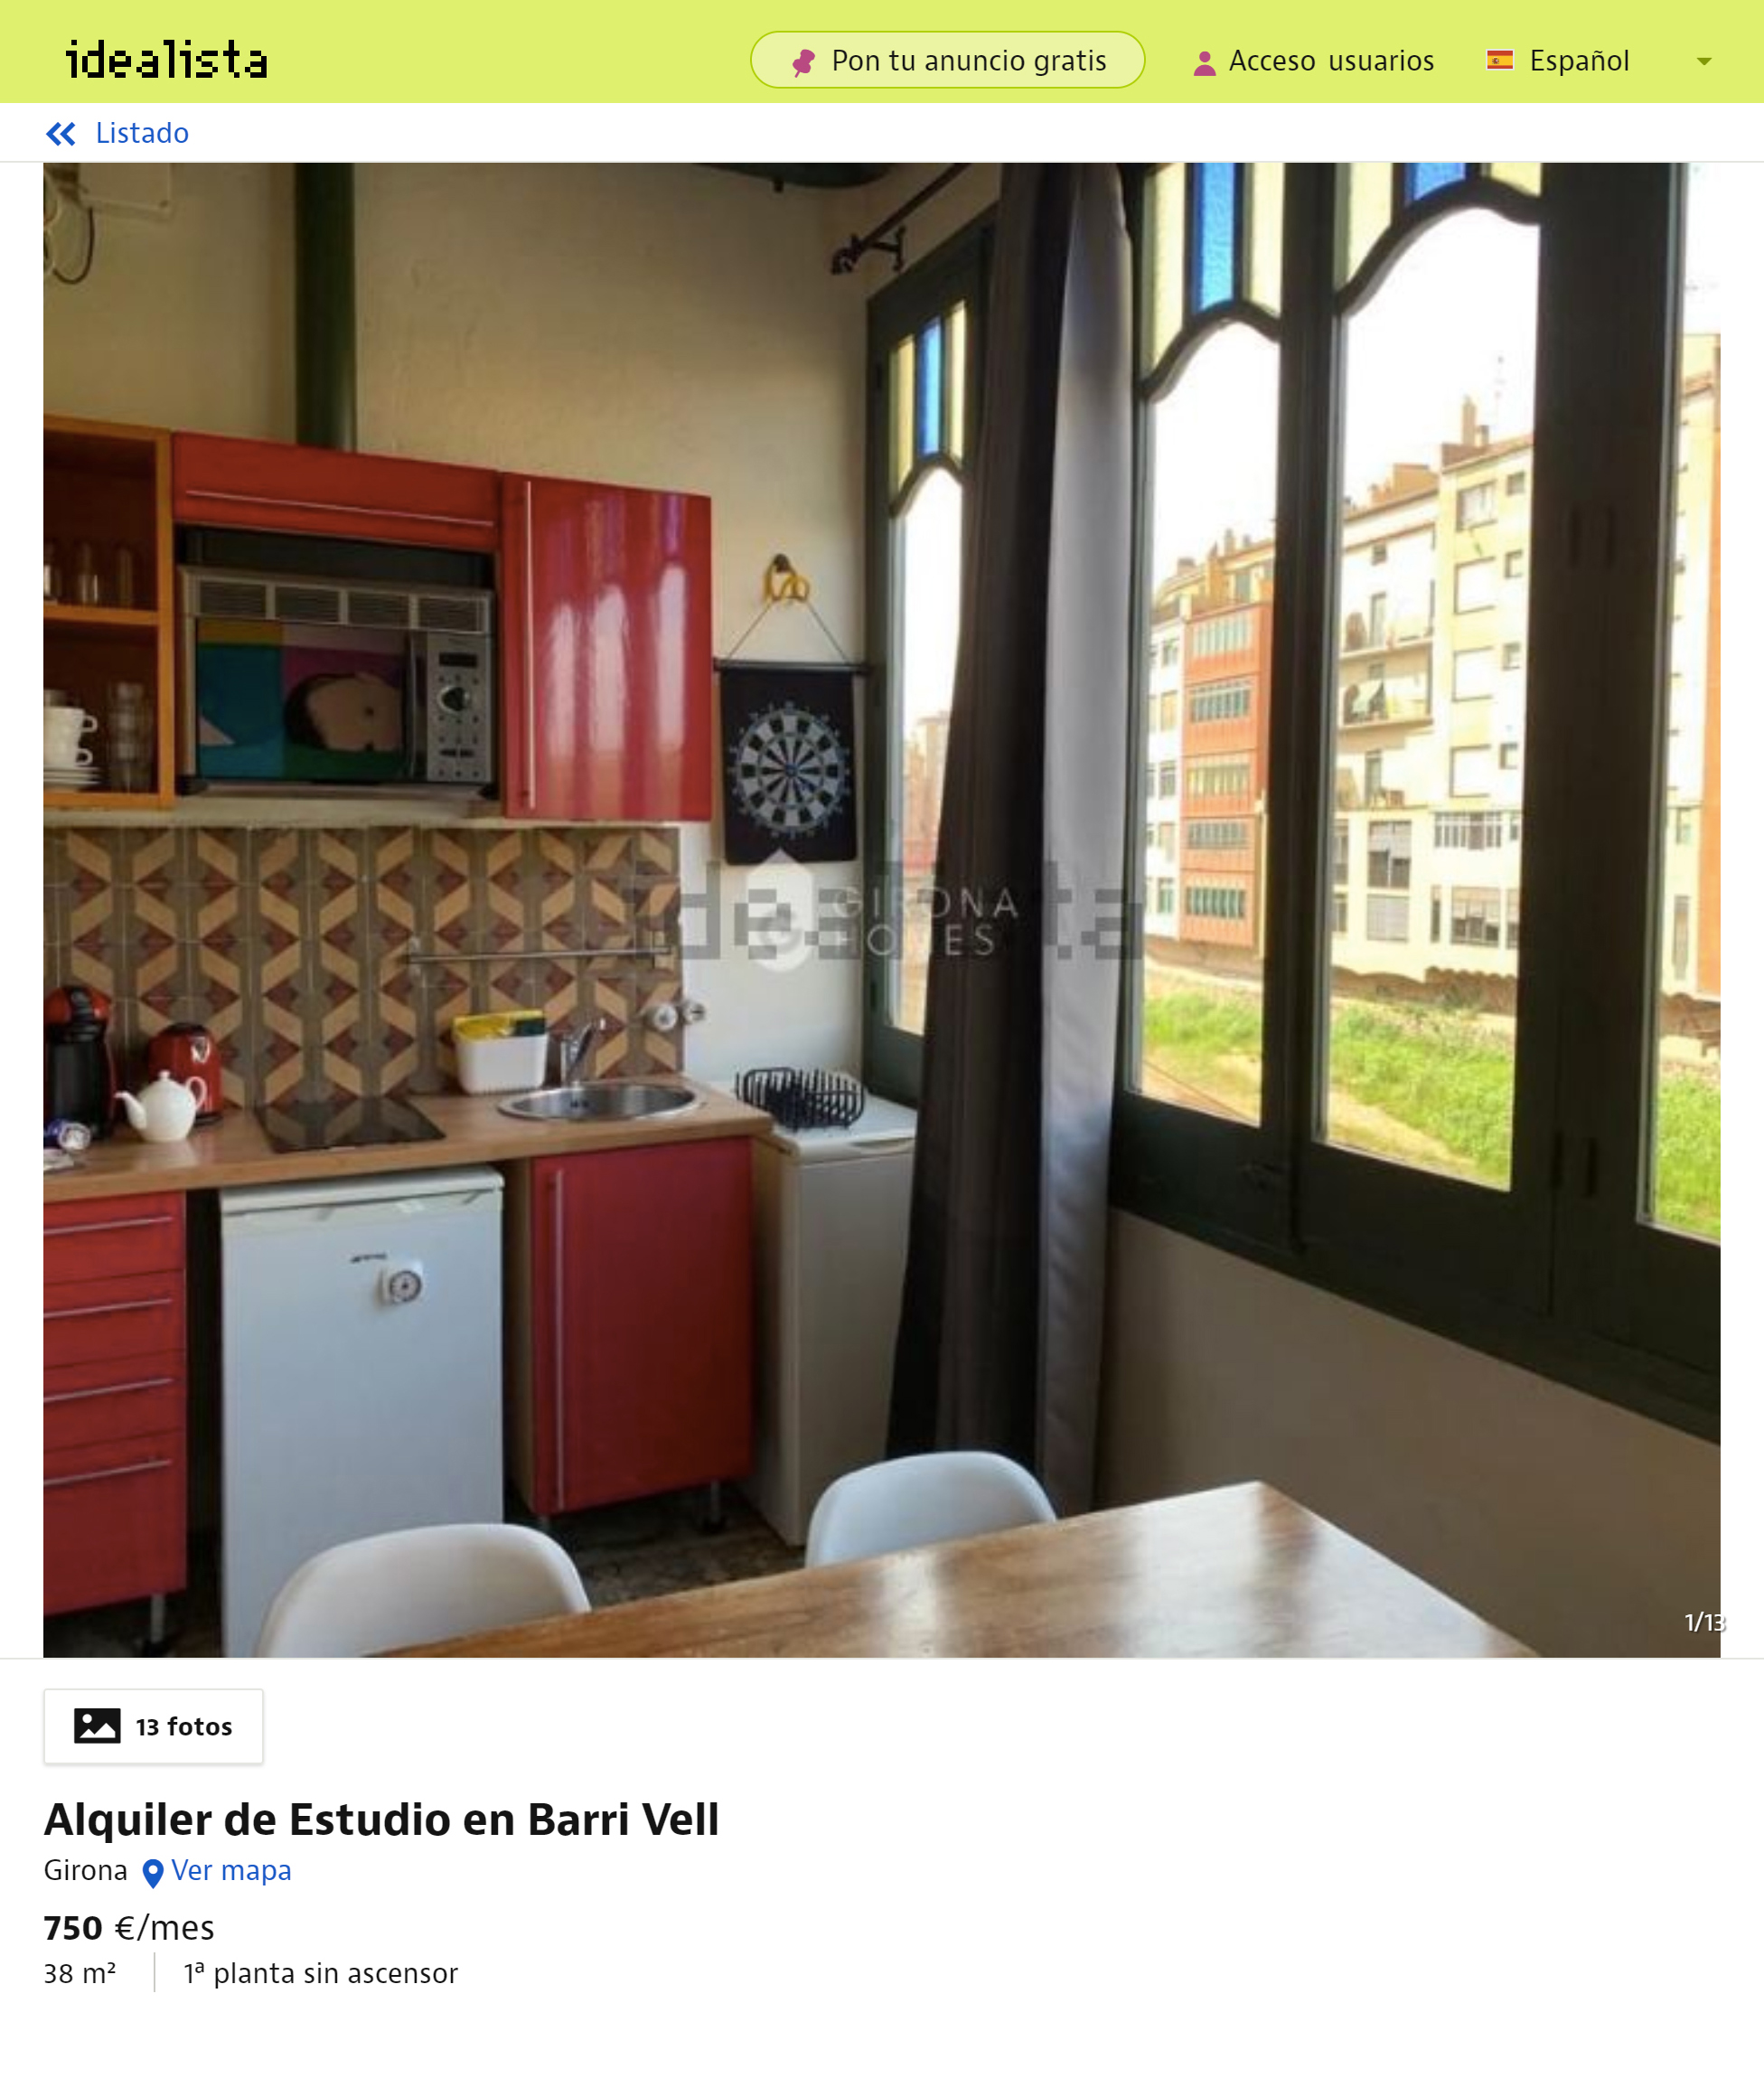 Полностью меблированная квартира-студия с одной спальней в Старом городе с окнами на реку Оньяр площадью 38м² обойдется в 750€ в месяц